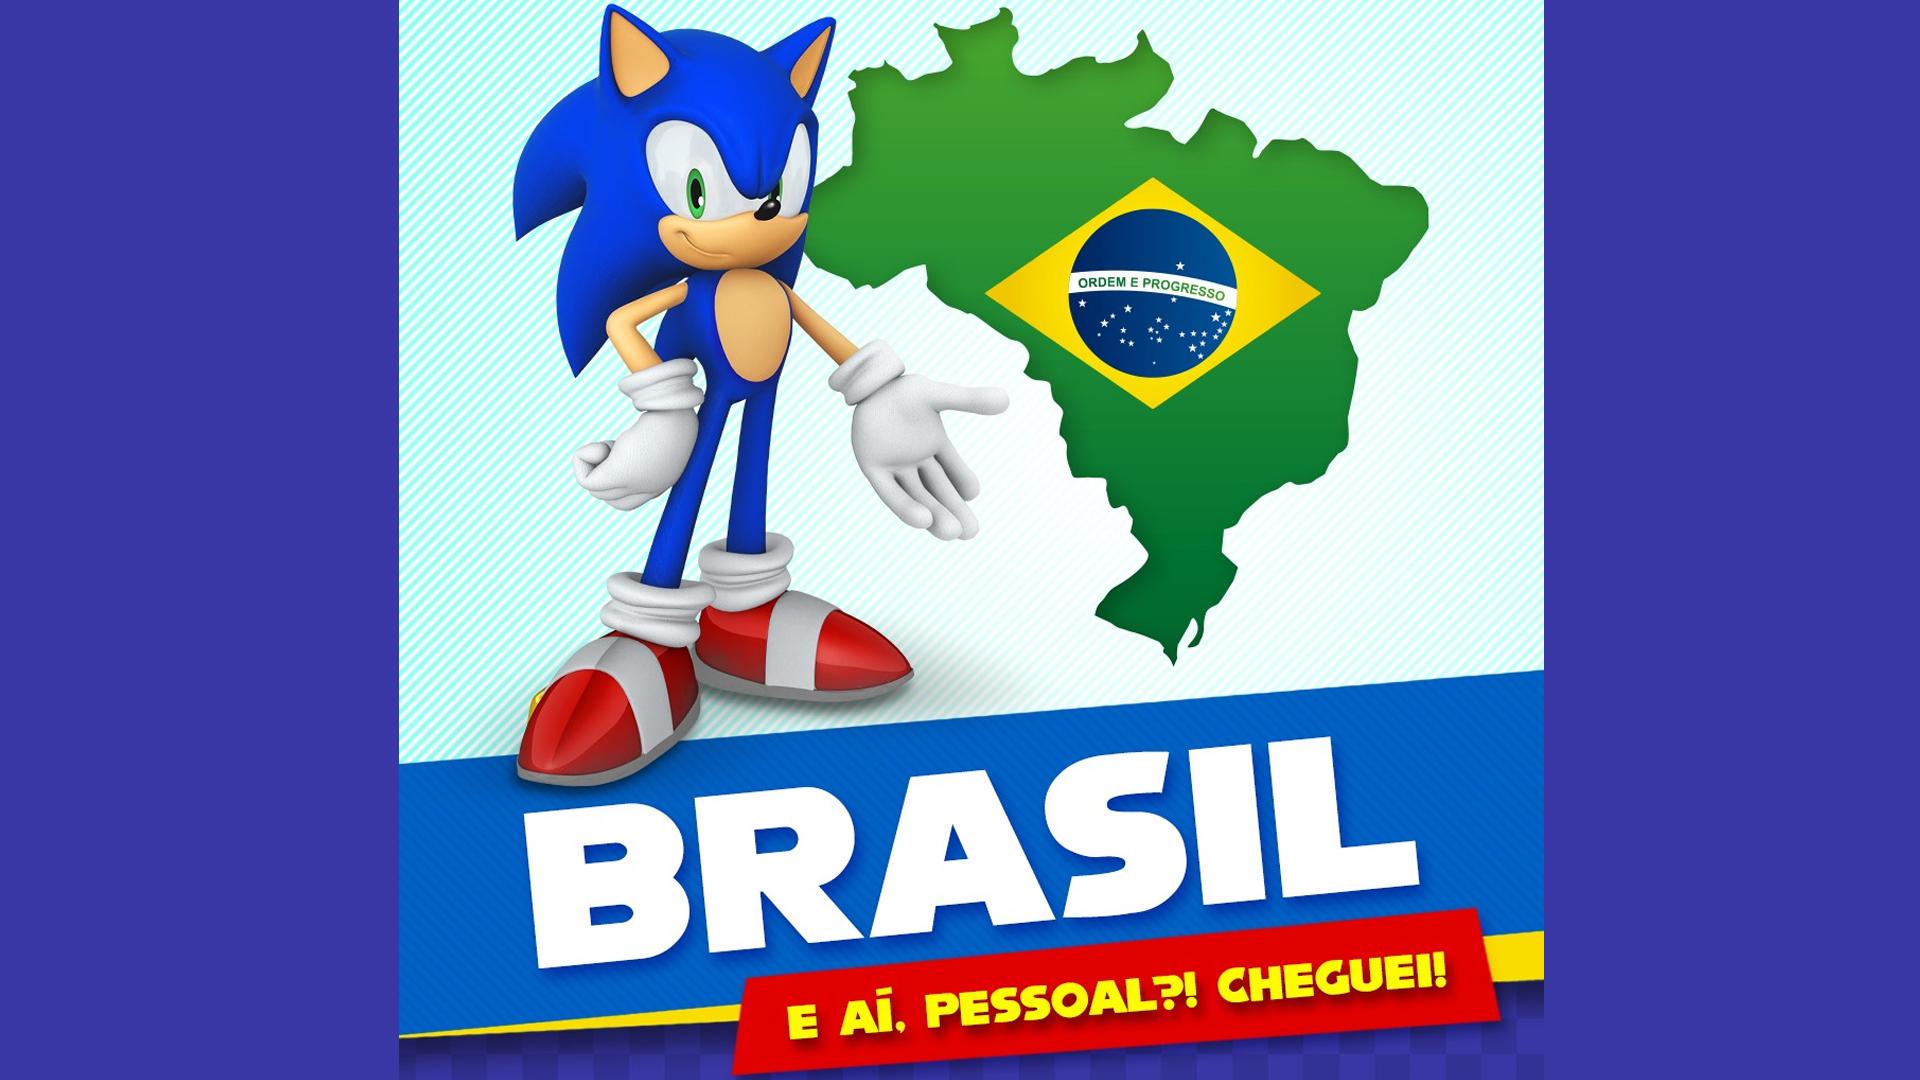 As redes sociais de Sonic já estão no ar e com conteúdos em português! (Fonte: Divulgação)